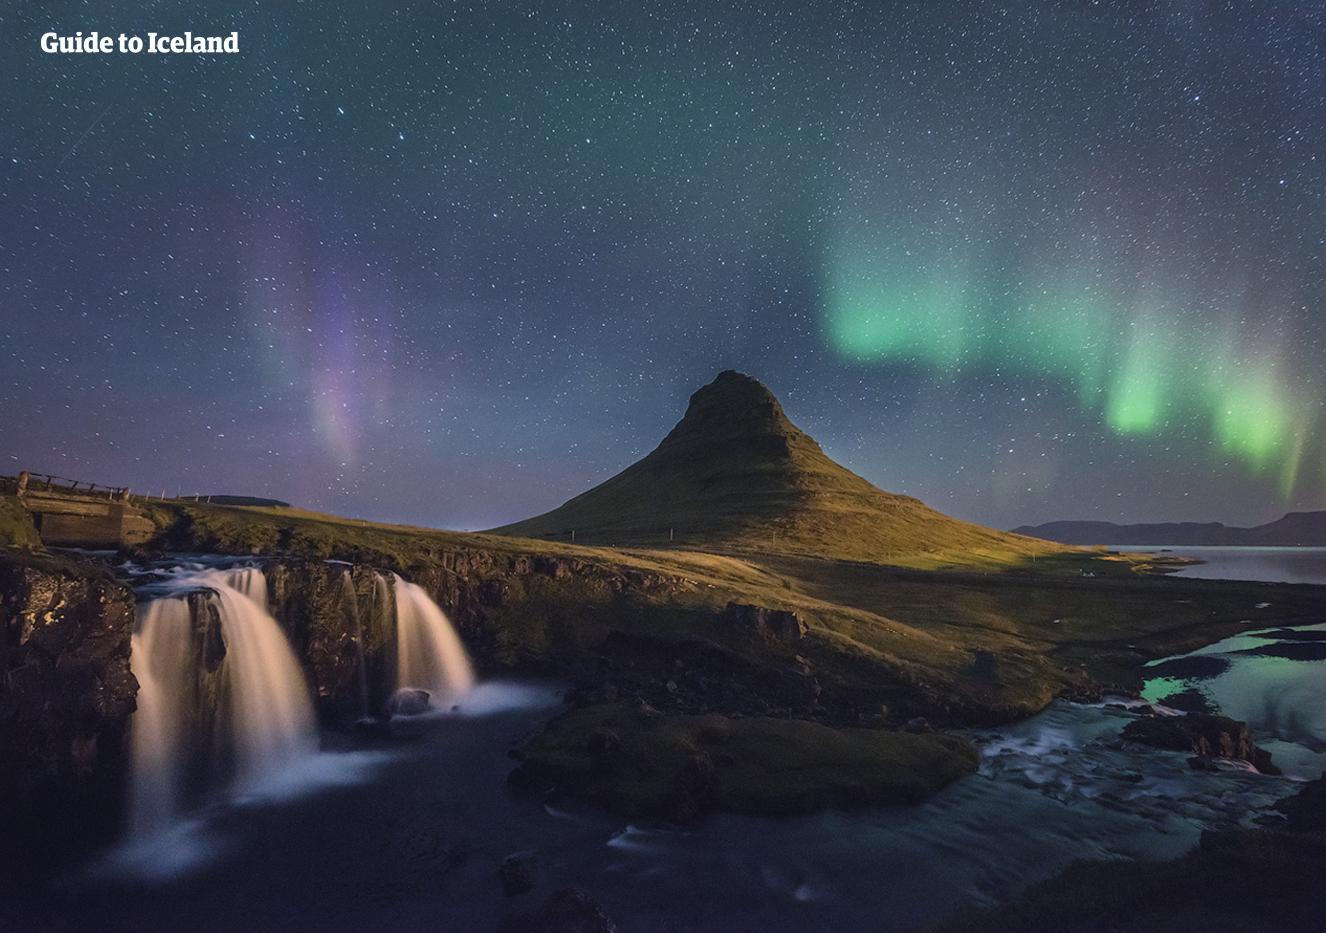 13 dni, samodzielna podróż   Zimowa wycieczka dookoła Islandii i Snaefellsnes - day 3